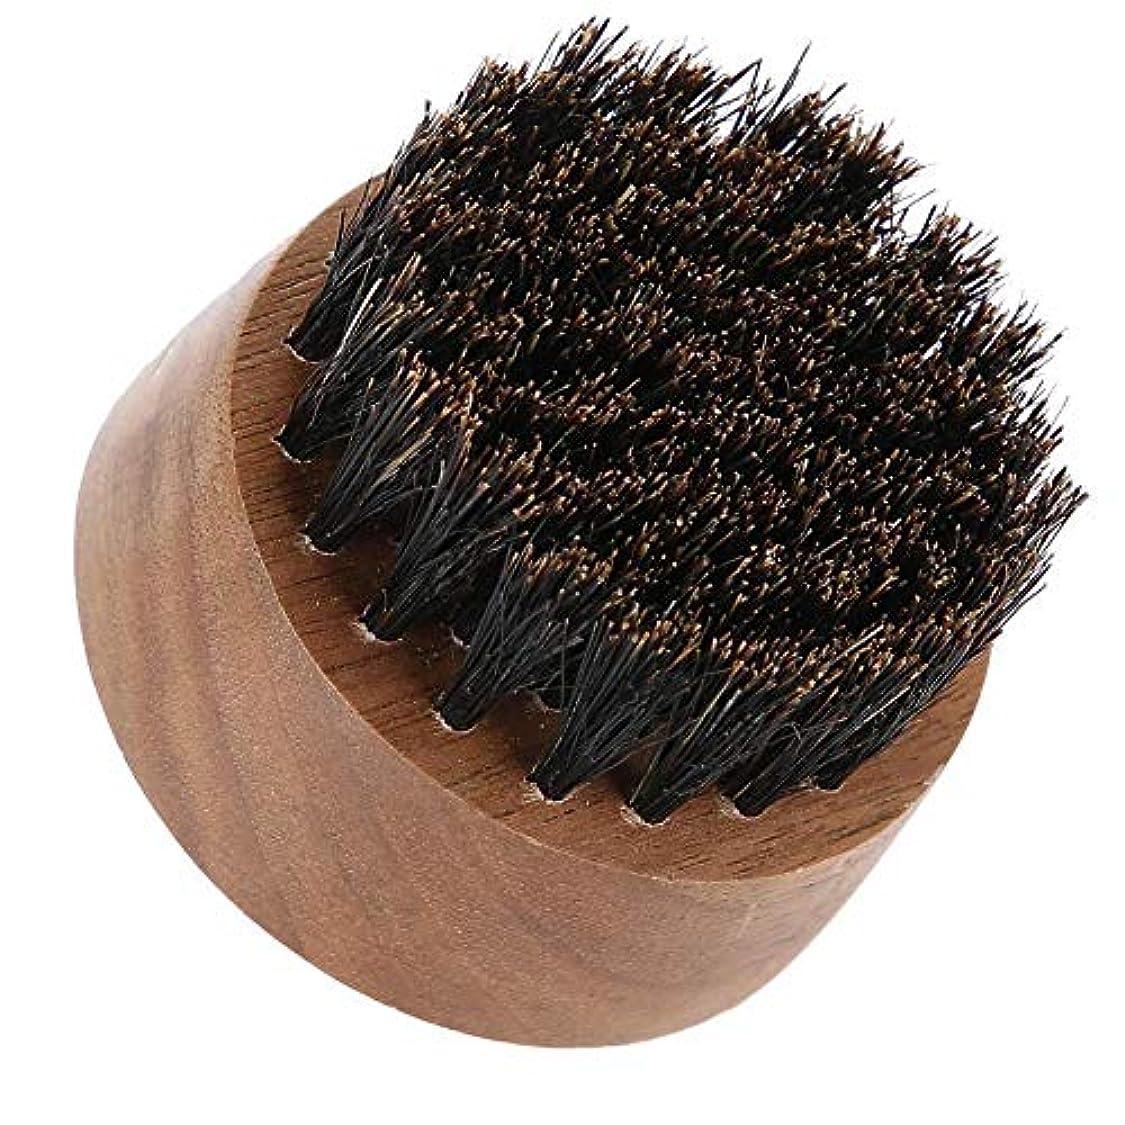 コンクリート理由素晴らしさ男性ひげブラシ-最高のひげとスキンケア(黒クルミ)